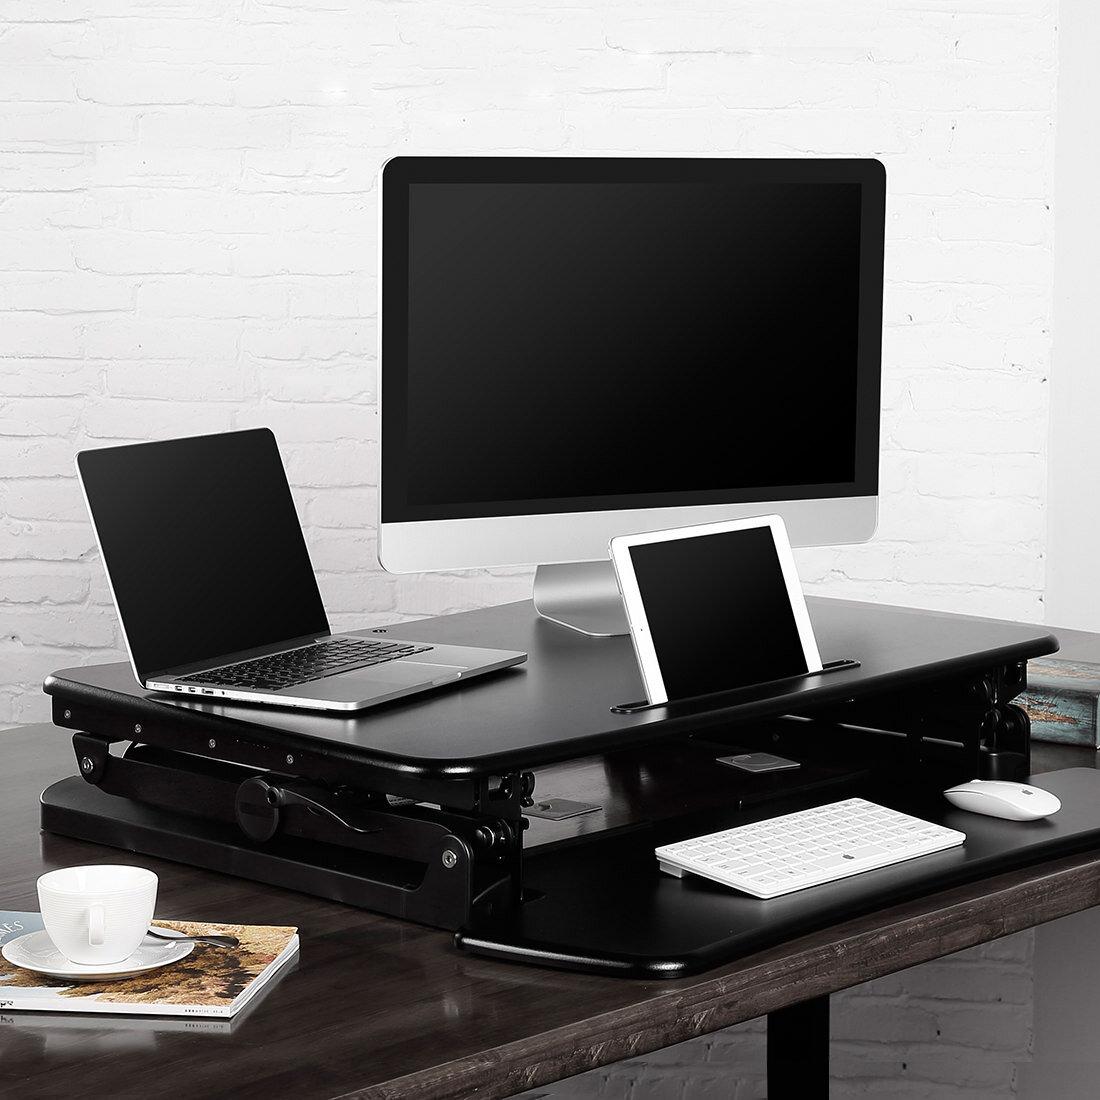 立って作業、座って作業、どっちもすぐに切り替えられるスタンディングデスク:Loctek FLEXISPOT